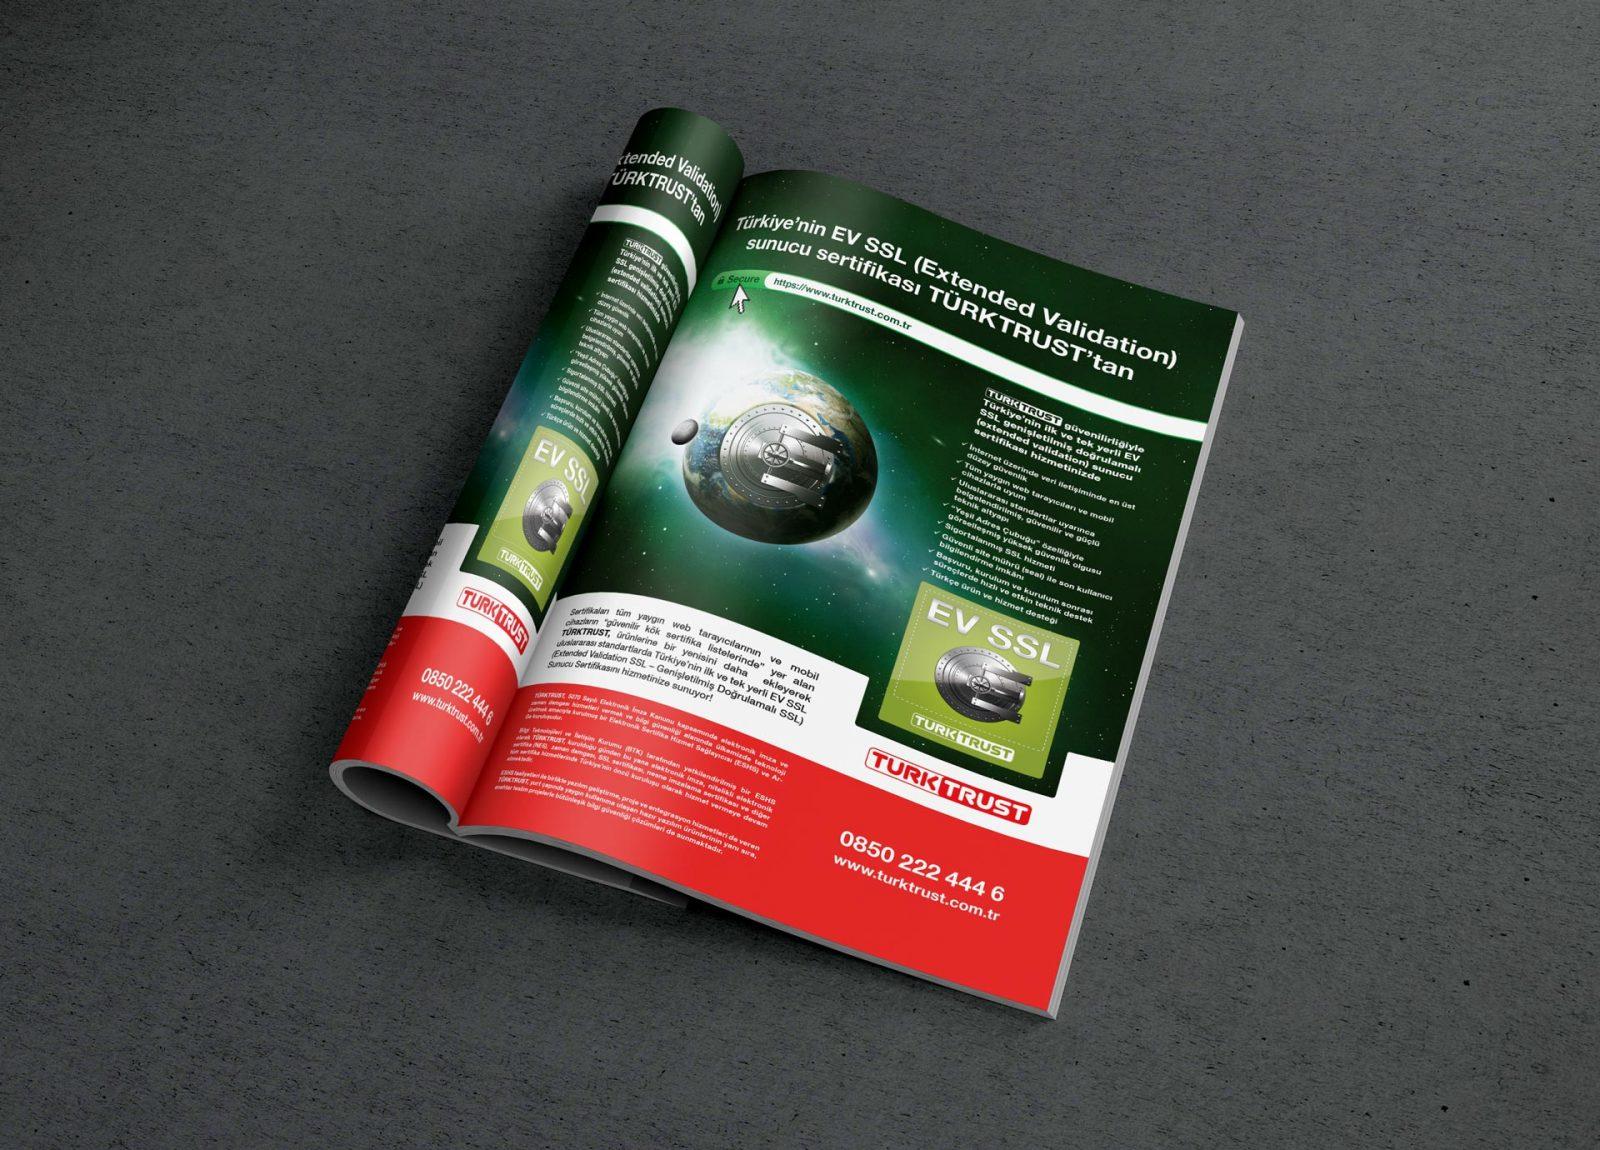 türktrust dergi tasarımı 03